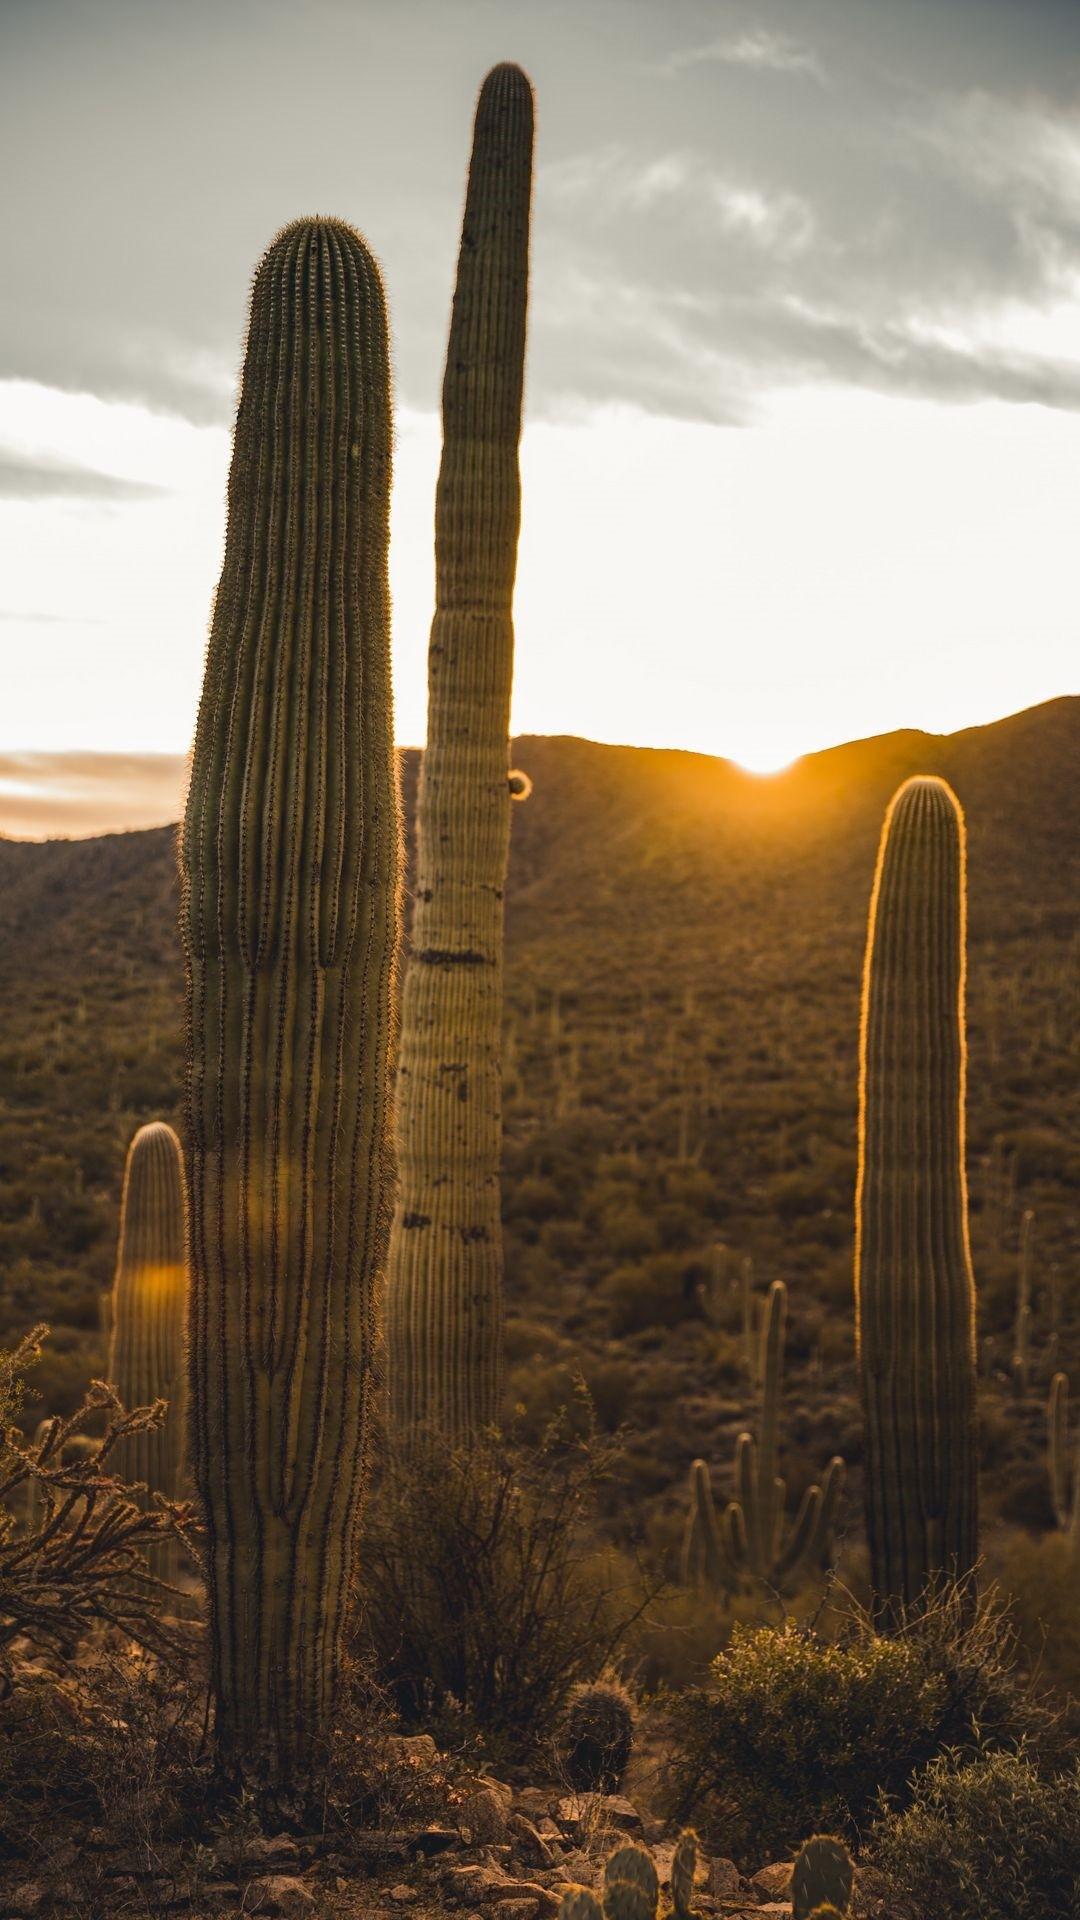 Cactus lock screen wallpaper